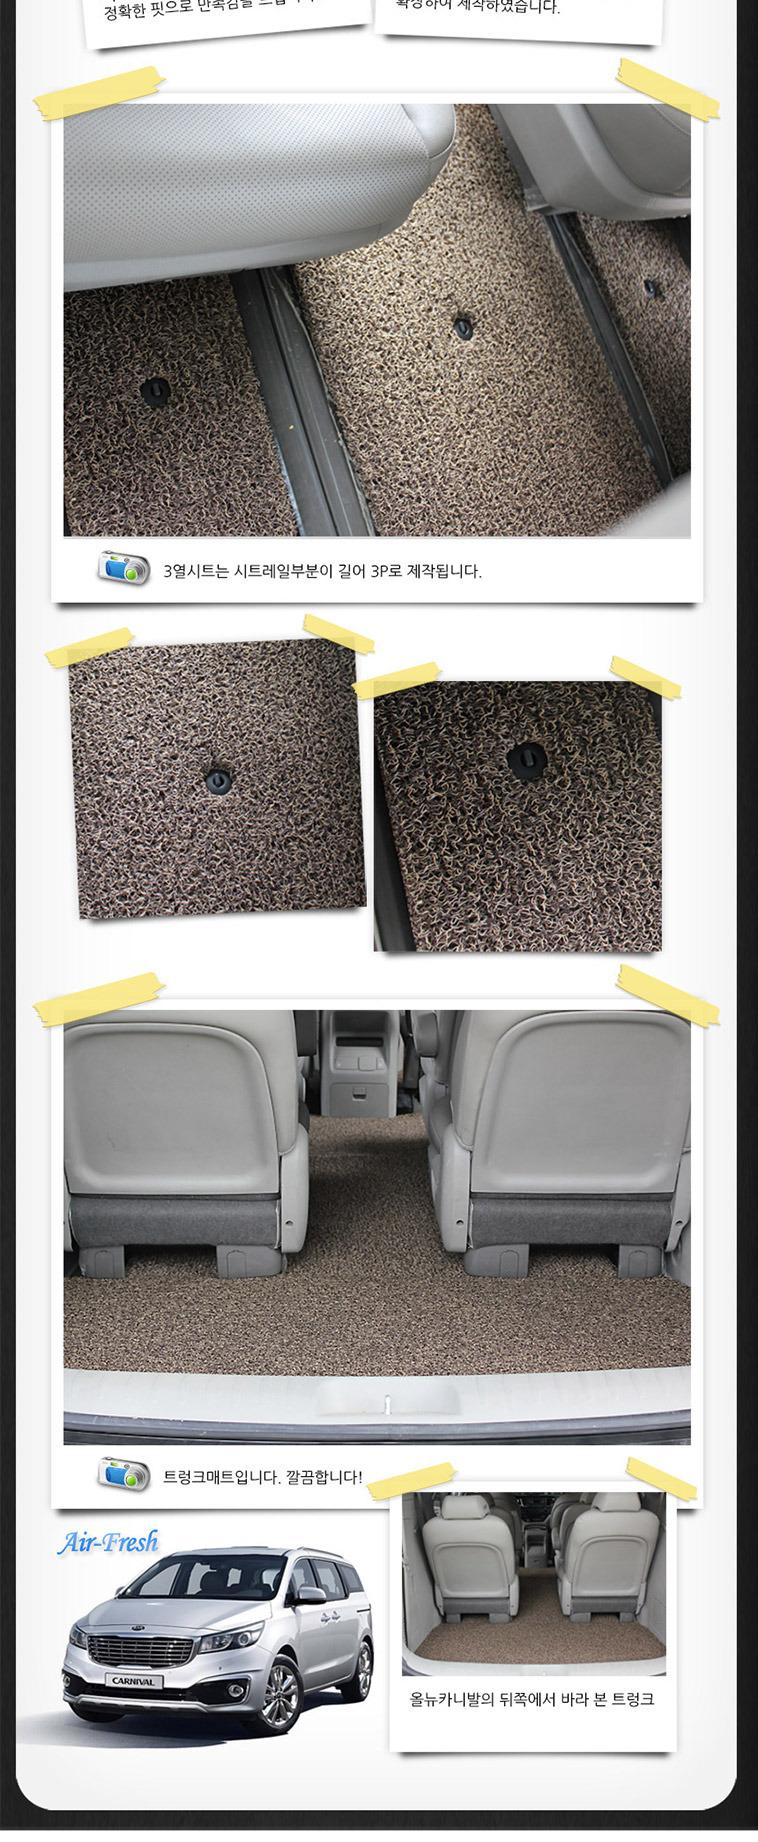 [마이카] 카니발 올뉴 코일 카매트 - 상세정보